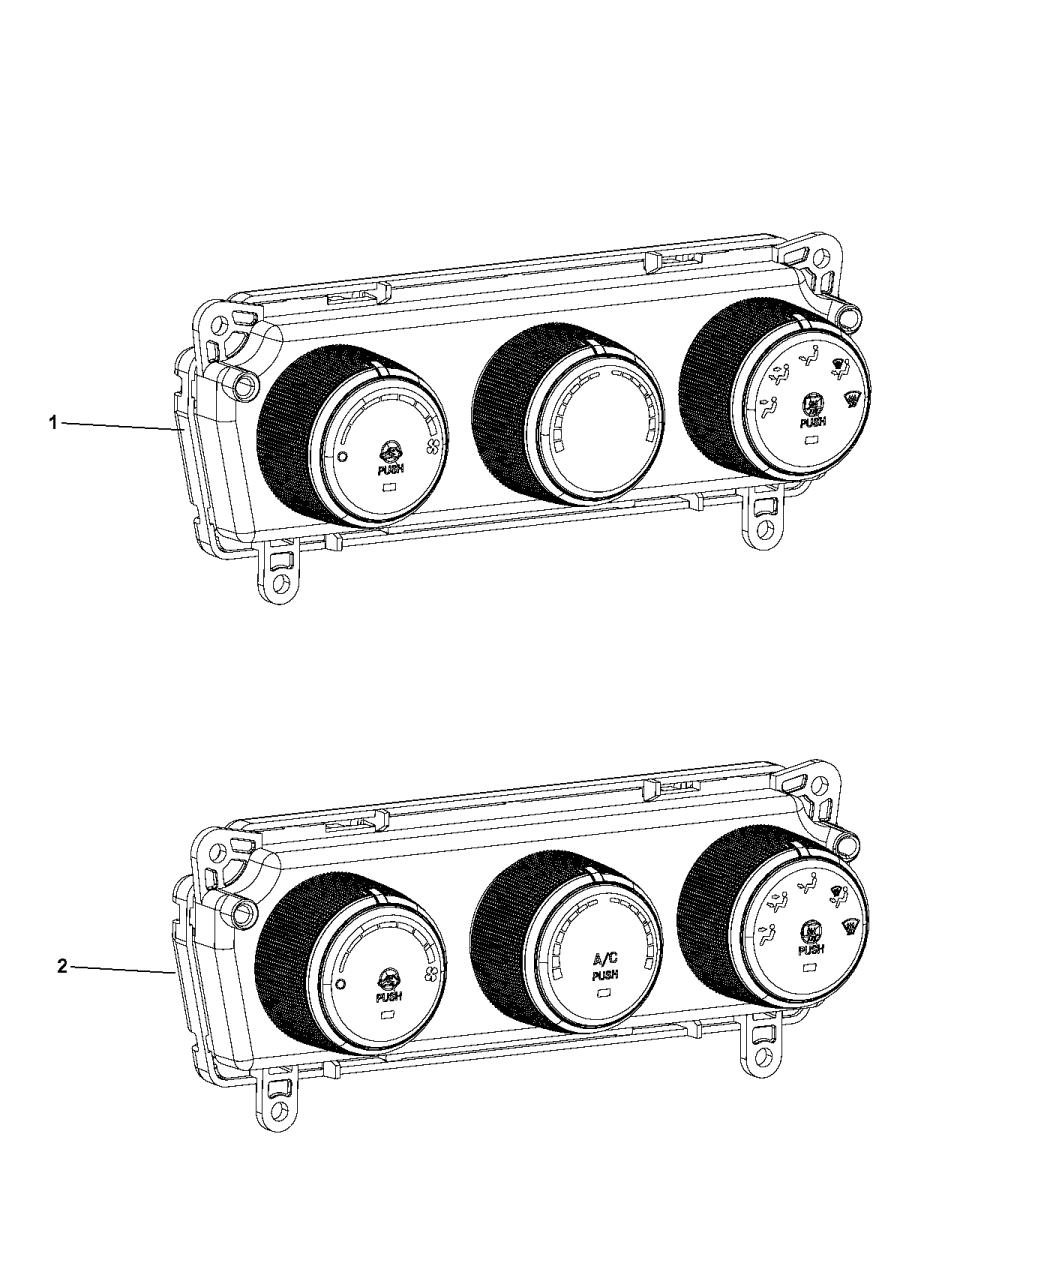 2016 Ram Promaster 1500 A  C  U0026 Heater Controls